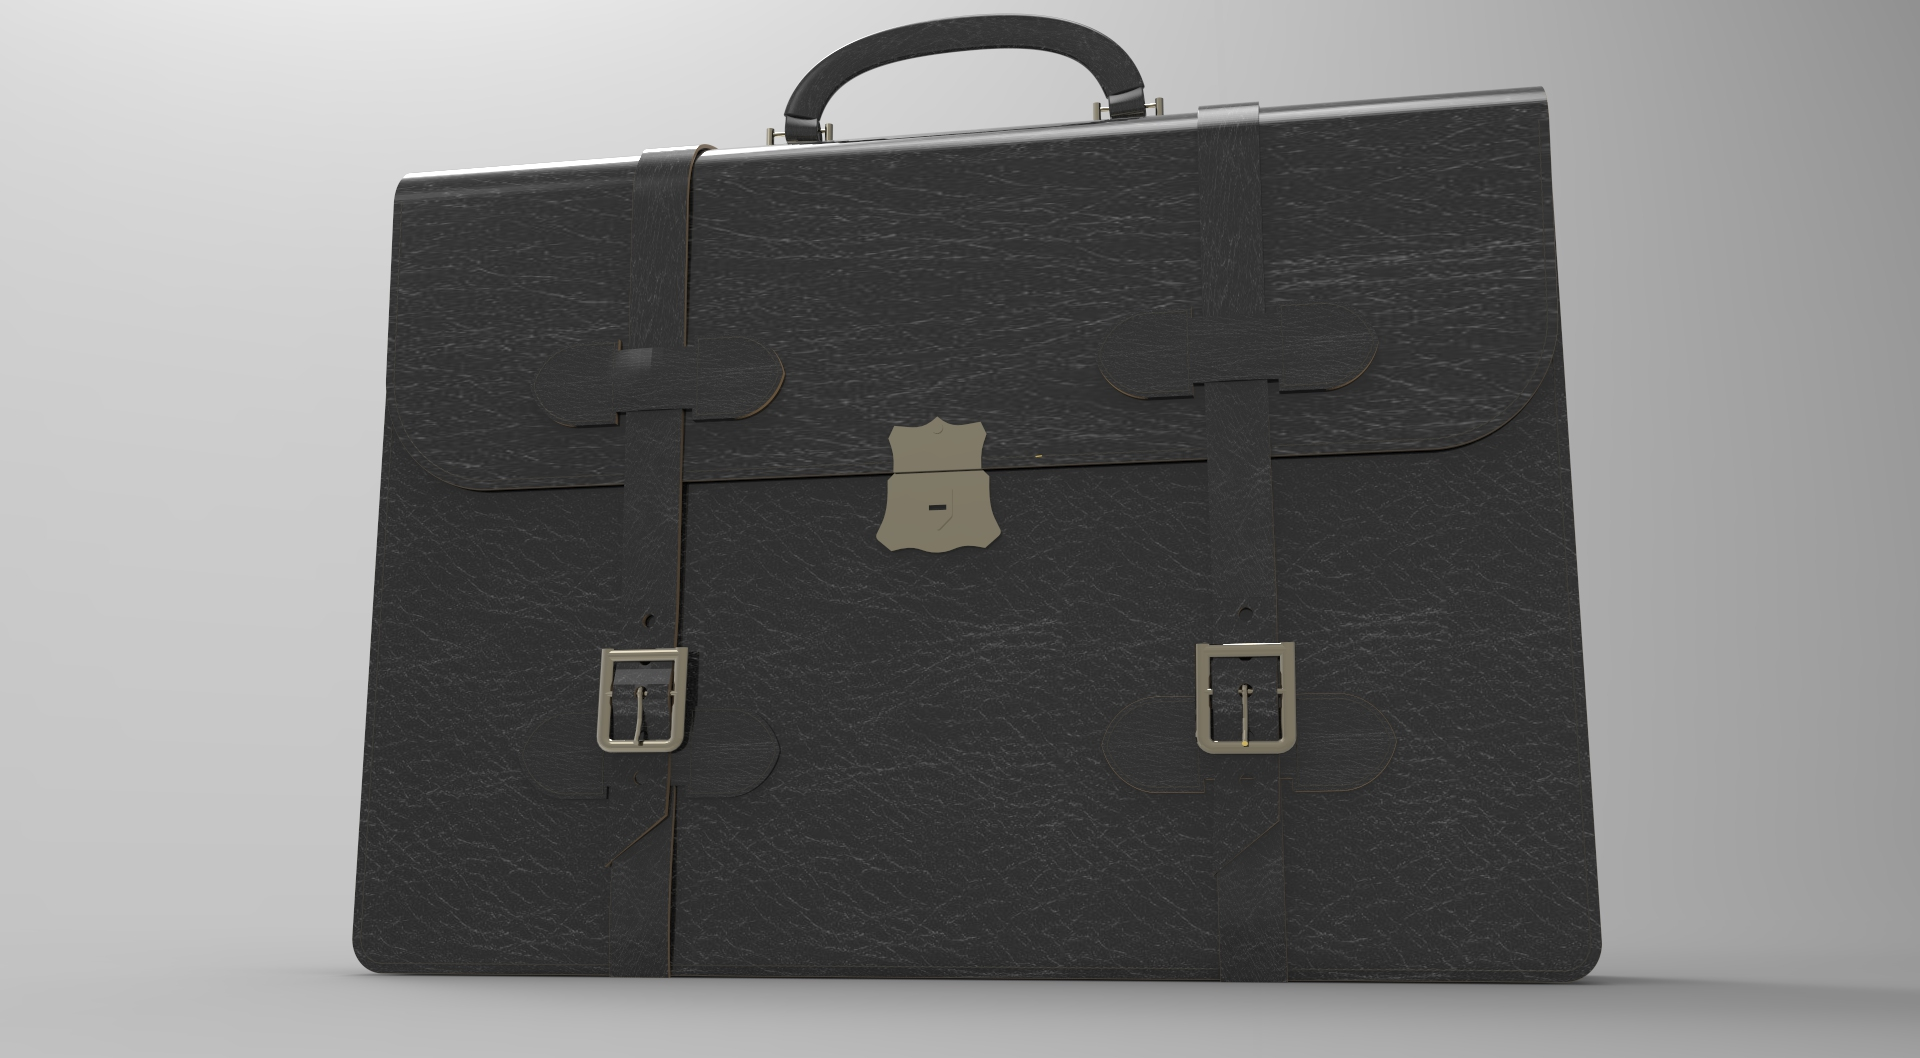 Romans Cad 3d Design Leather Goods